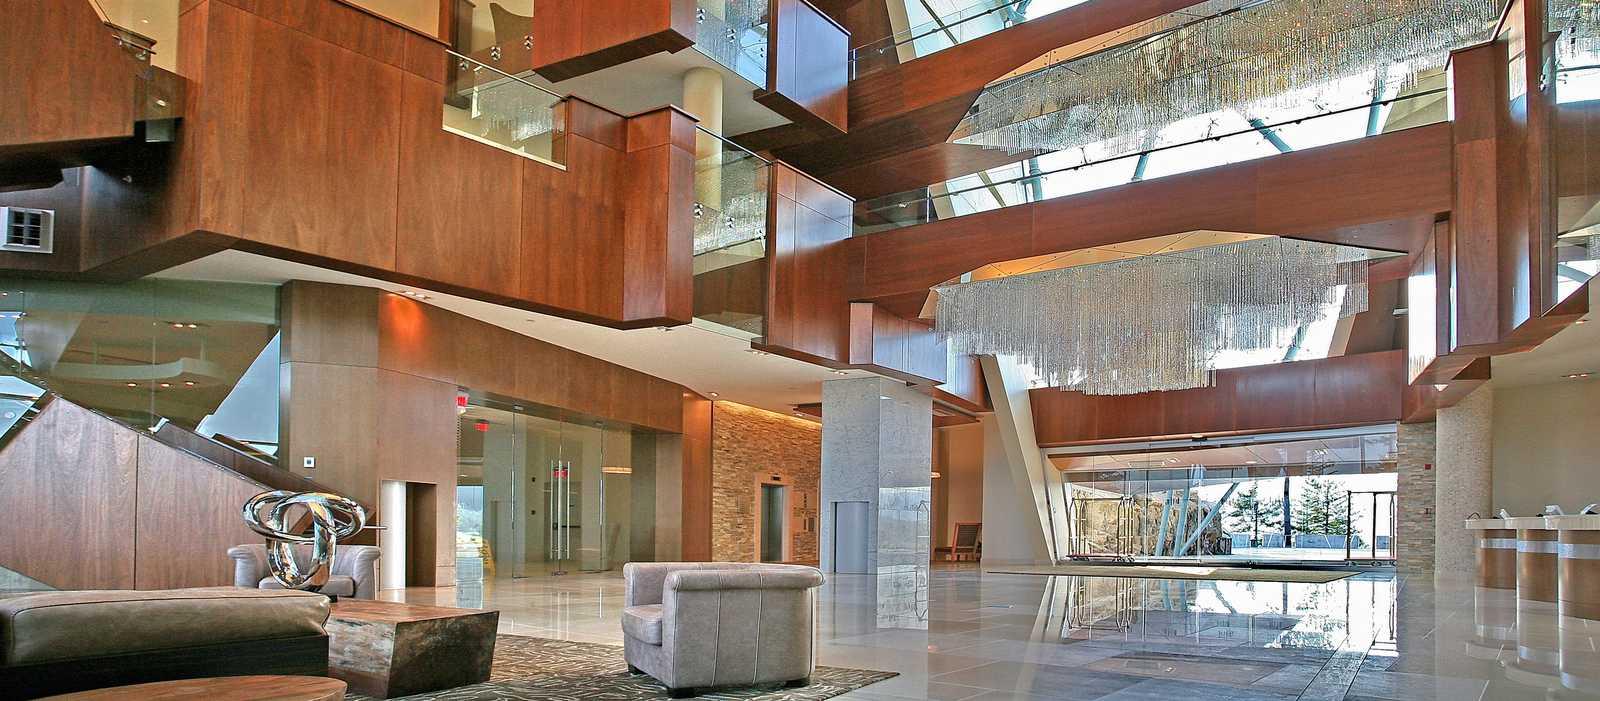 Die Lobby des Resorts